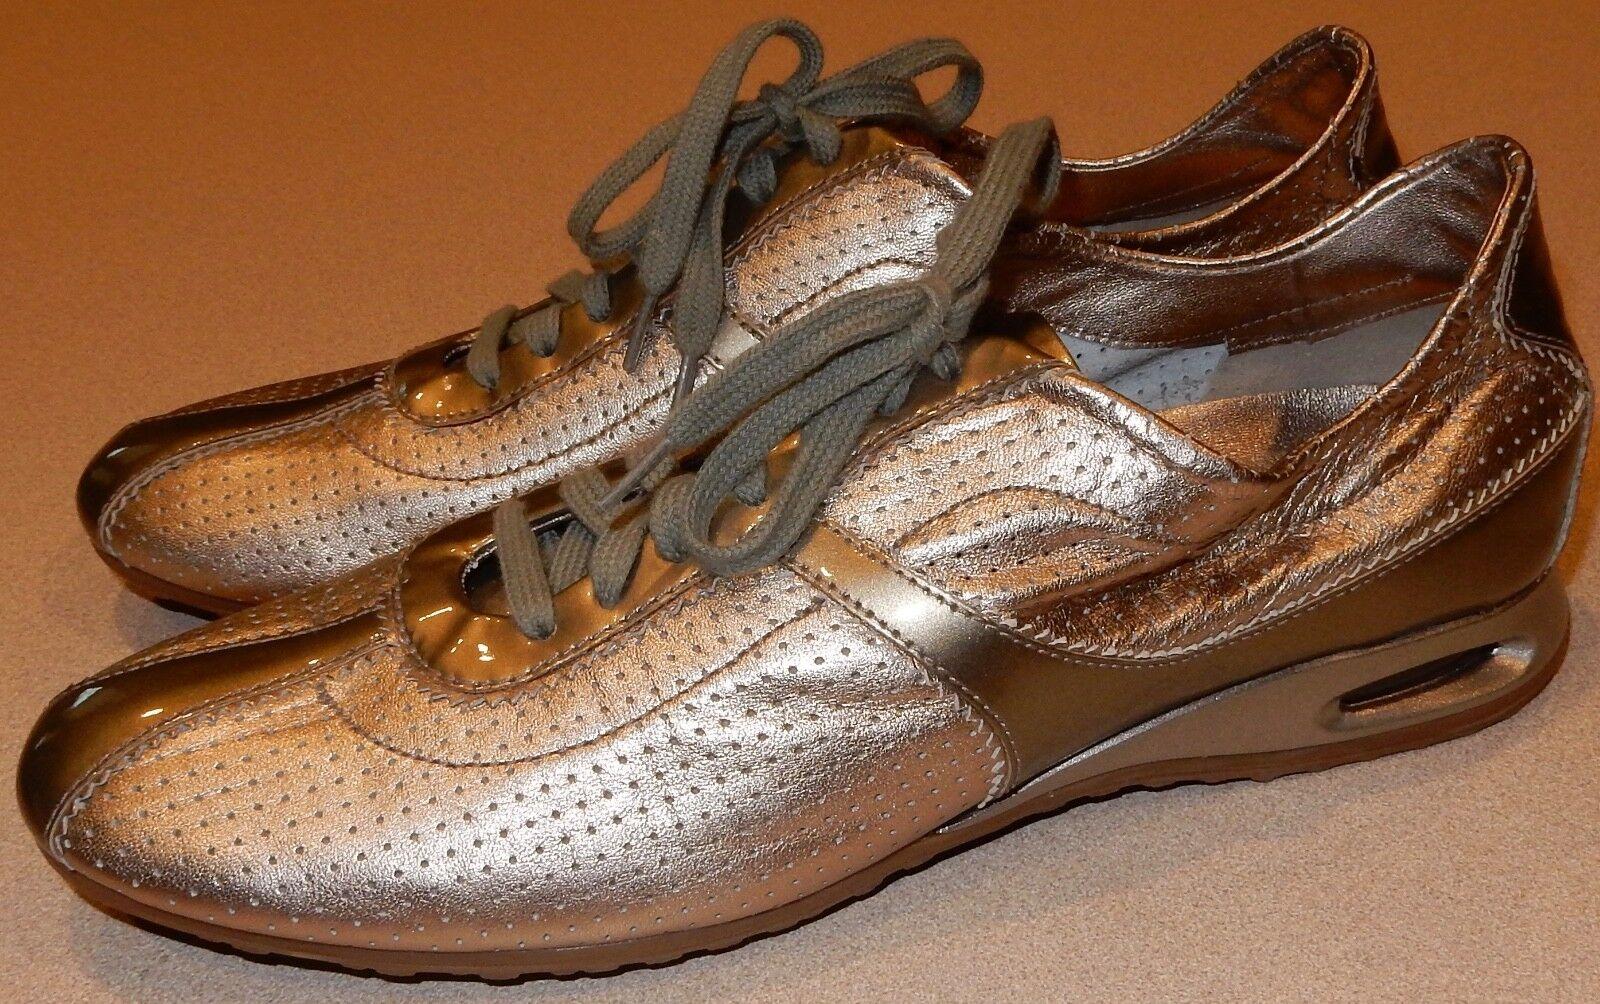 Cole Haan Sneaker Gold Lace Up Damenschuhe Schuhes Größe 9B